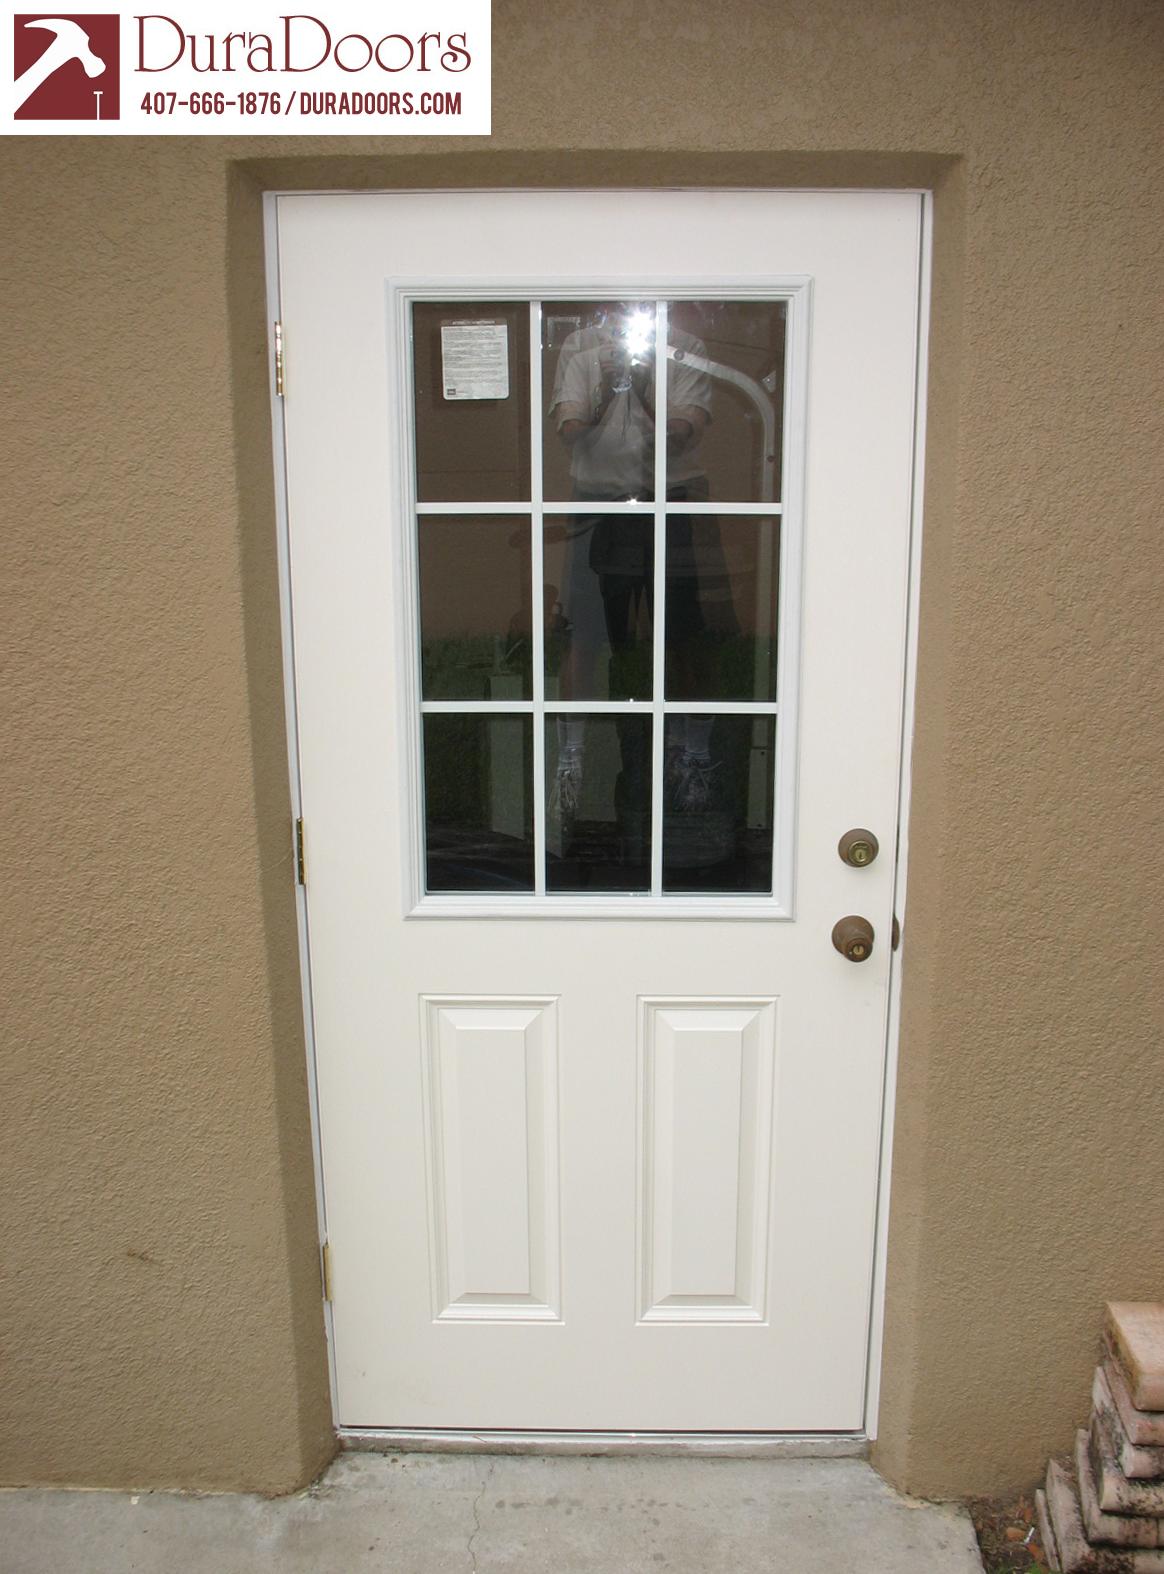 1574 #65463A Plastpro Smooth Fiberglass 9 Lite Door DuraDoors image Fiberglass Doors 41431164